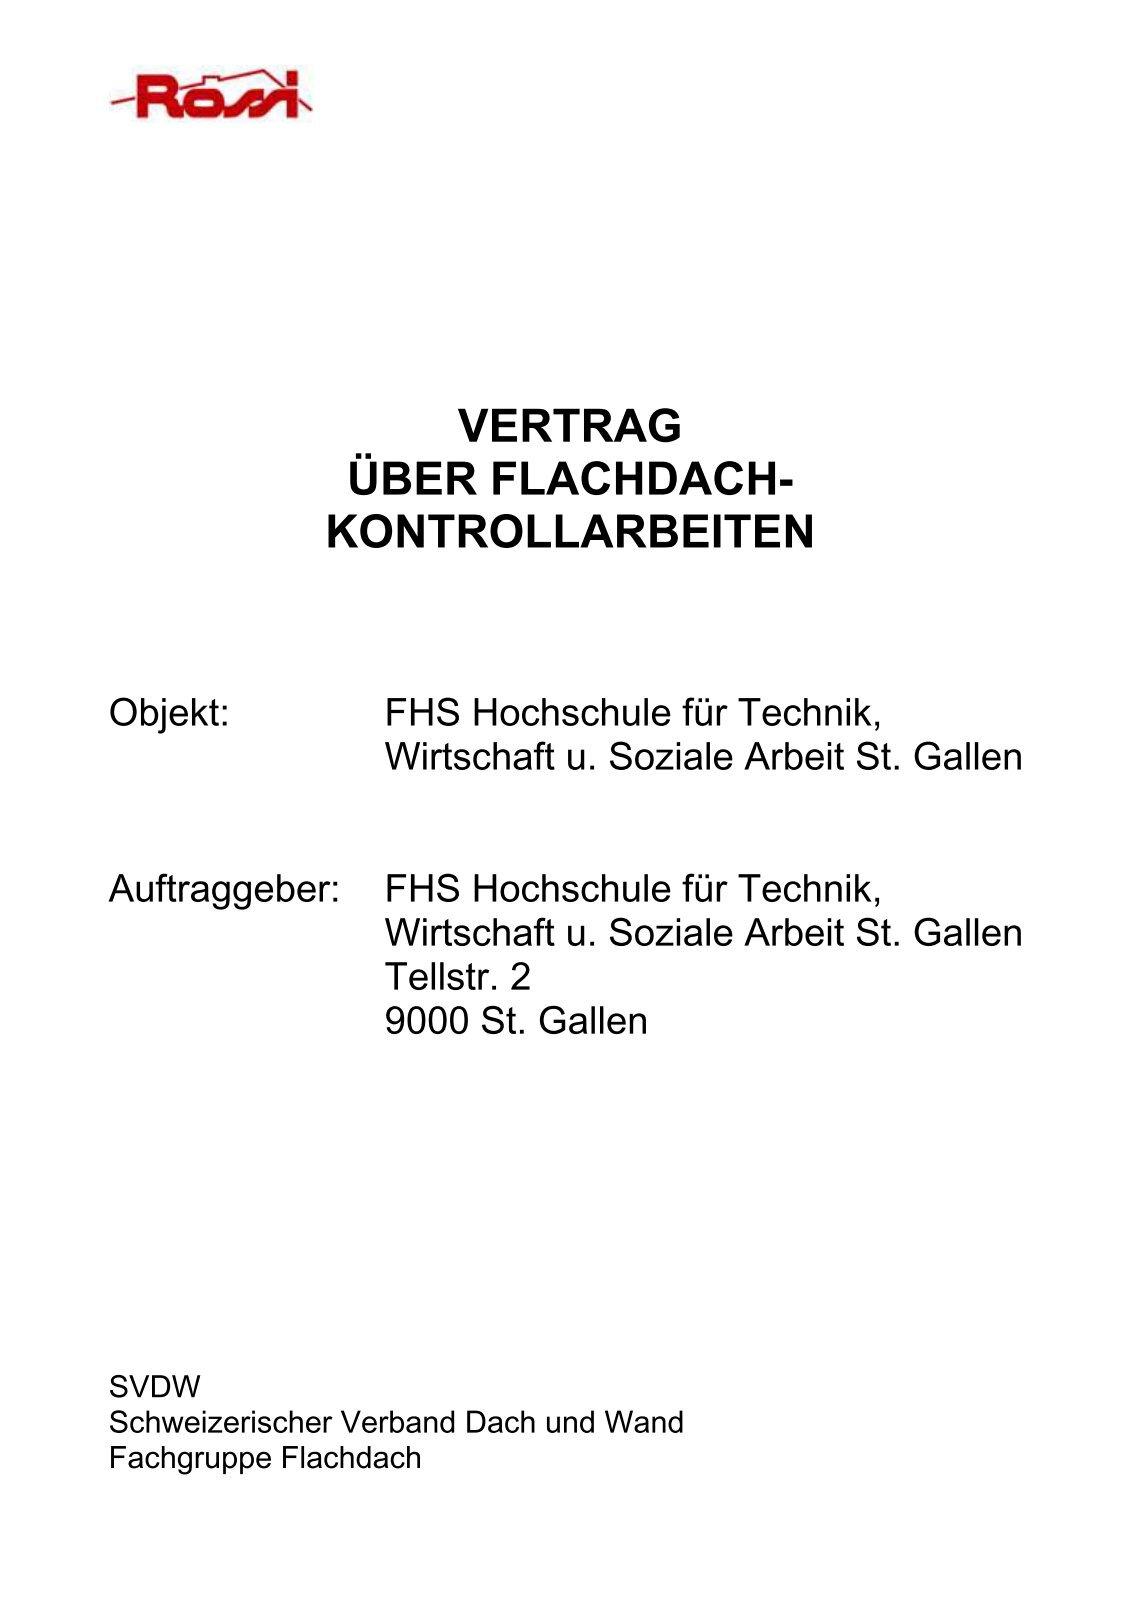 Dorable Versprich Vertragsvorlage Zu Bezahlen Model - FORTSETZUNG ...